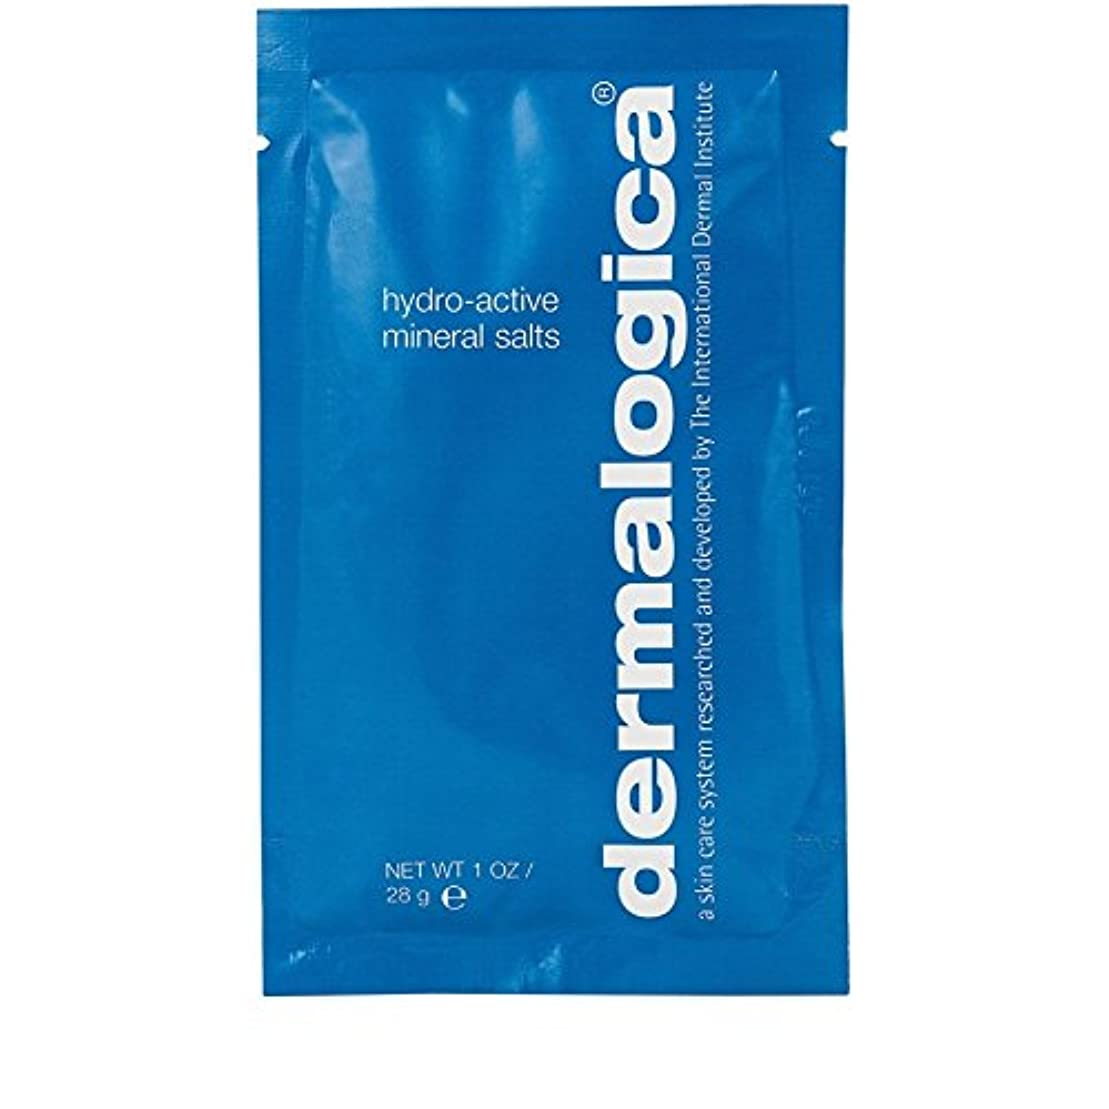 適切に麻酔薬天のダーマロジカ水力アクティブミネラル塩28グラム x2 - Dermalogica Hydro Active Mineral Salt 28g (Pack of 2) [並行輸入品]